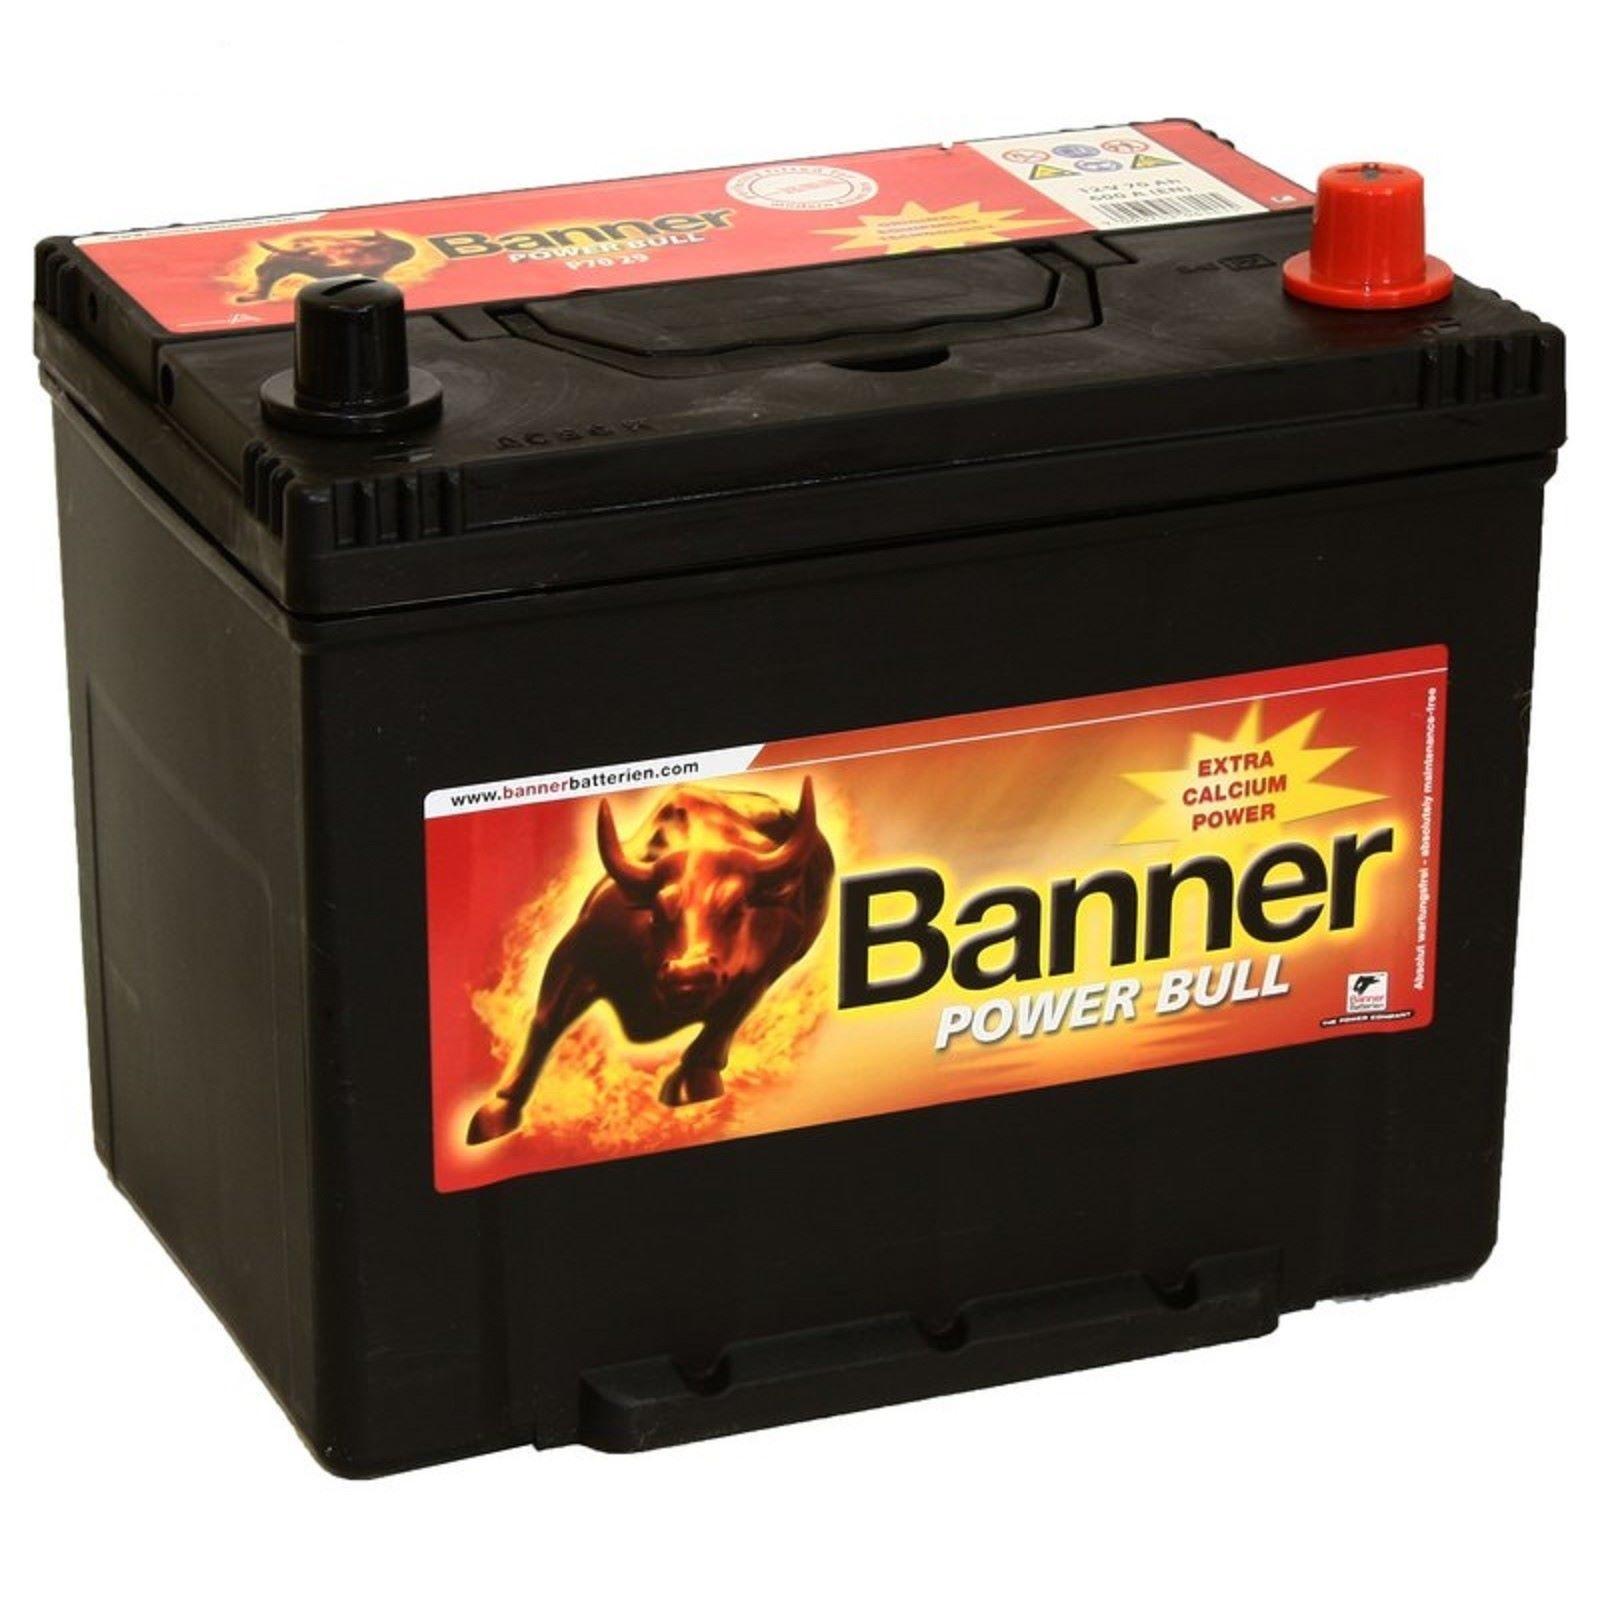 Аккумулятор Banner P70 29, арт. P70 29